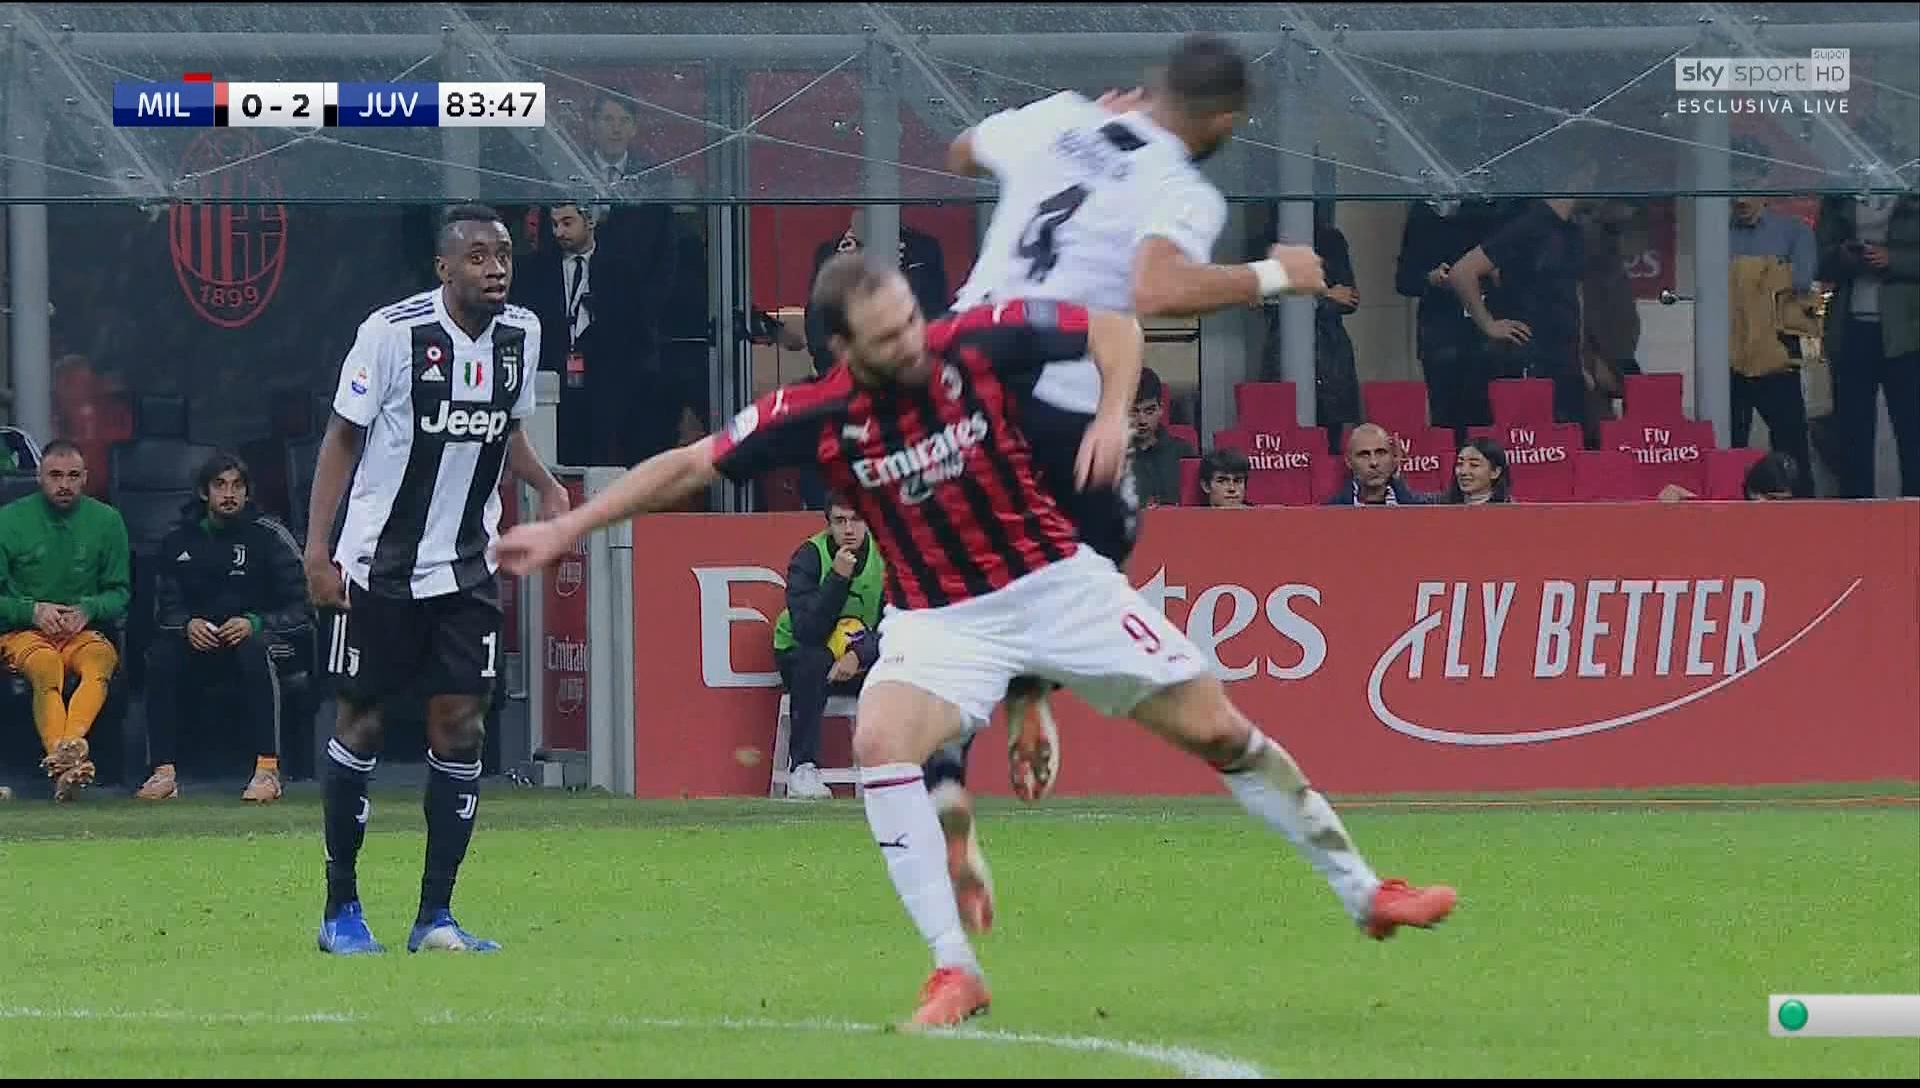 Ascolti Sky Sport - Share record del 10,96% per Milan - Juventus. Bene anche F1 Brasile